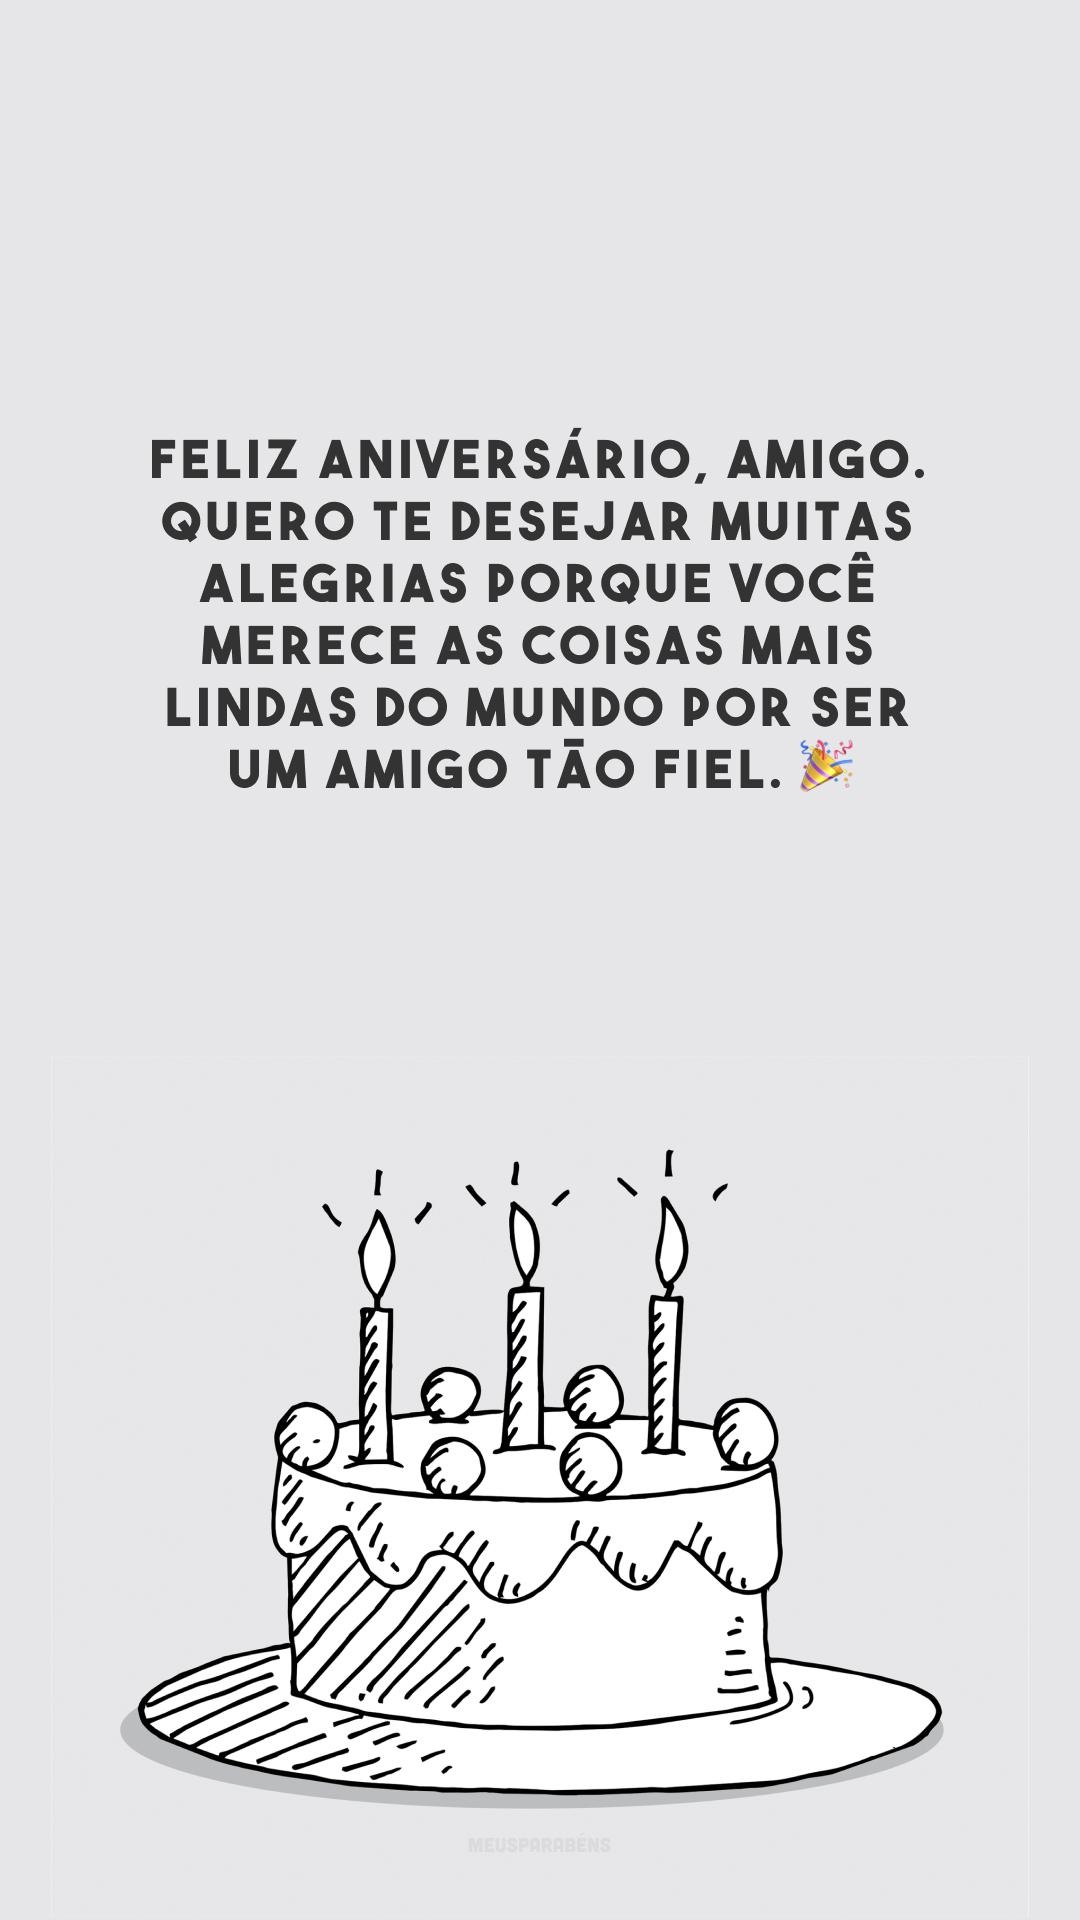 Feliz aniversário, amigo. Quero te desejar muitas alegrias porque você merece as coisas mais lindas do mundo por ser um amigo tão fiel. 🎉